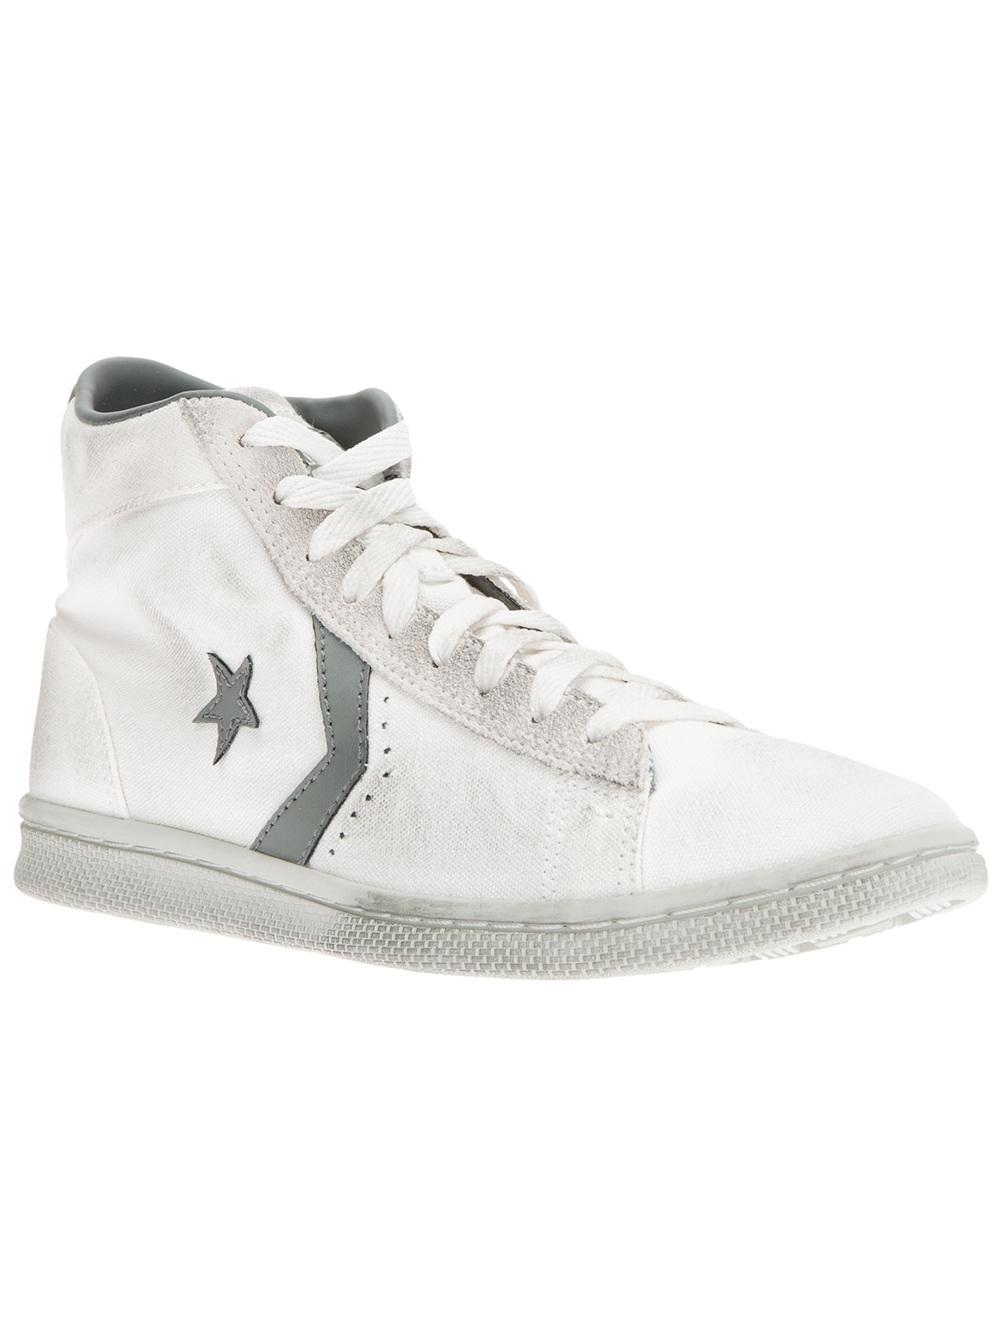 Converse Pro Leather LP Mid Sneaker (Women's) BYRI9bLoL